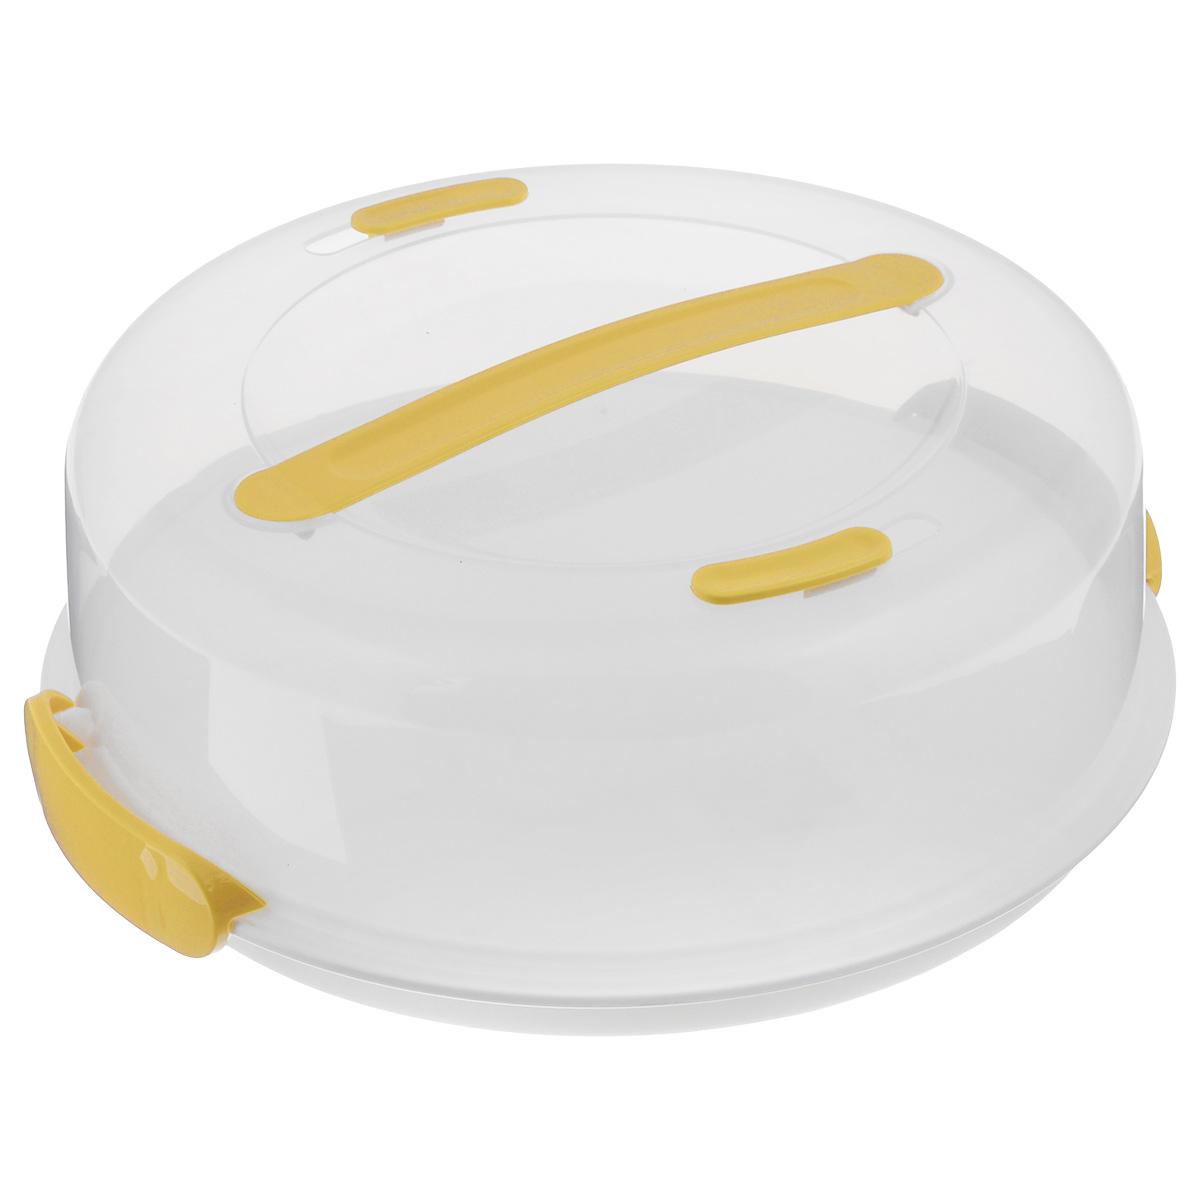 Тортовница с охлаждающим эффектом Tescoma Delicia, с крышкой, диаметр 34 см630841Охлаждающий поднос Tescoma Delicia изготовлен из высококачественного прочного пластика и оснащен прозрачной крышкой. Отлично подходит для переноса и подачи тортов, десертов, канапе, бутербродов, фруктов. Благодаря специальному вкладышу блюда дольше остаются охлажденными и свежими. Крышка фиксируется на подносе за счет двух зажимов, а удобная ручка позволяет переносить поднос с места на место.Можно мыть в посудомоечной машине кроме охлаждающей части.Диаметр подноса: 34 см.Высота подноса: 3 см.Высота стенок крышки: 10 см.